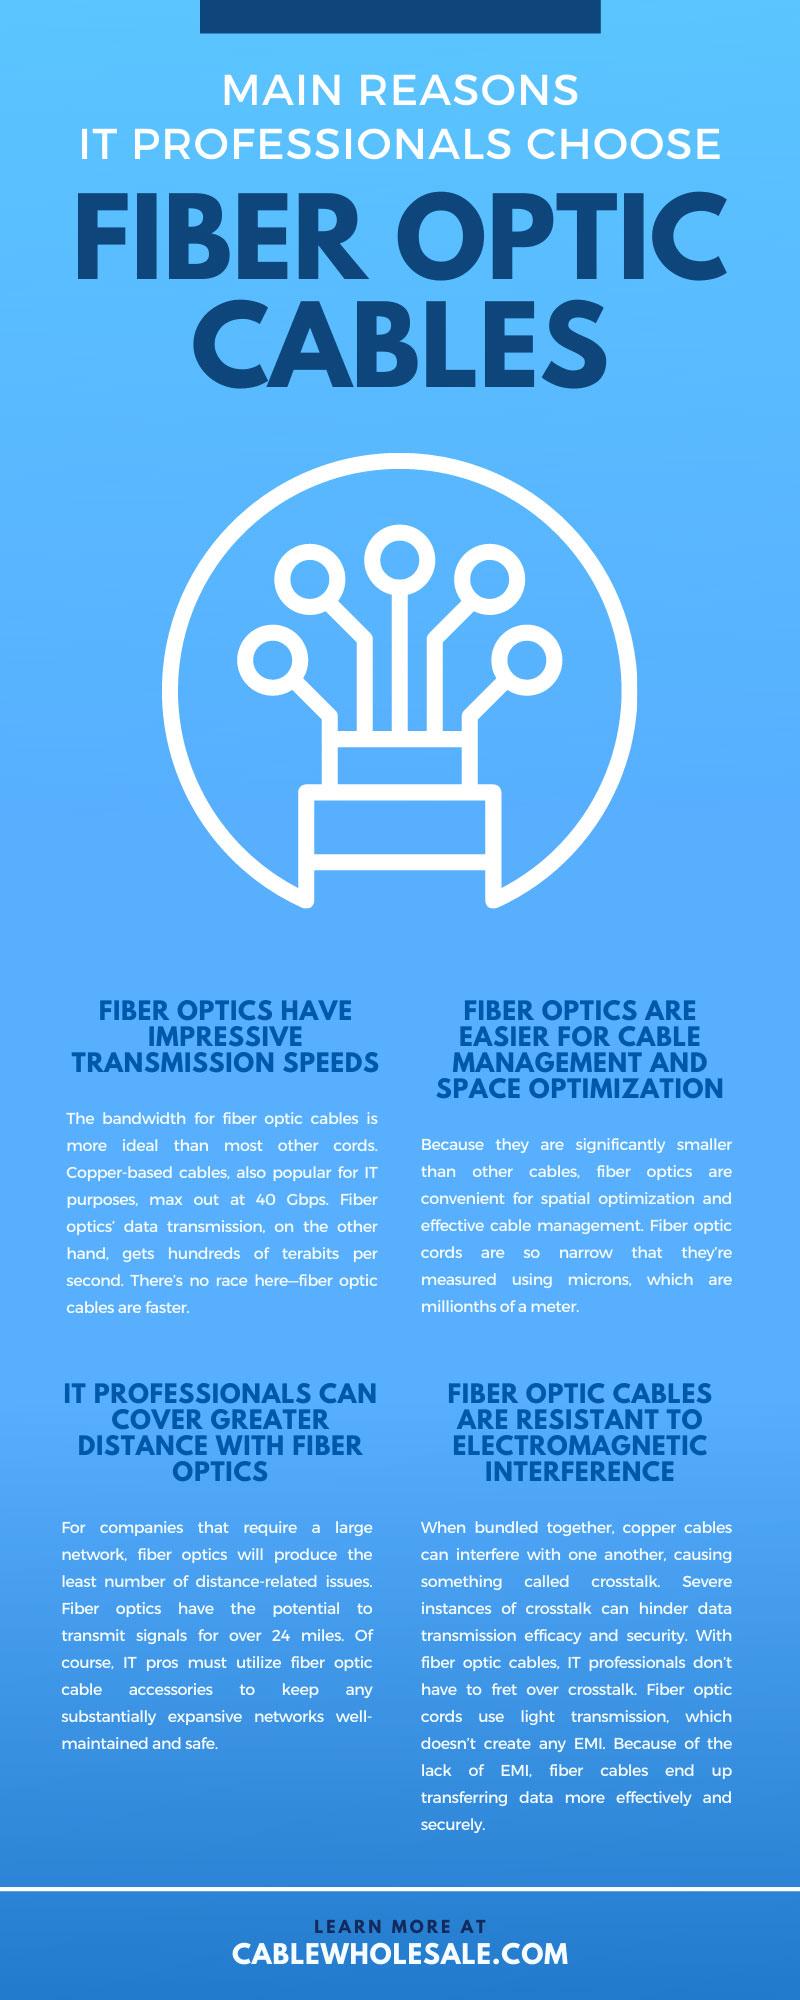 Main Reasons IT Professionals Choose Fiber Optic Cables